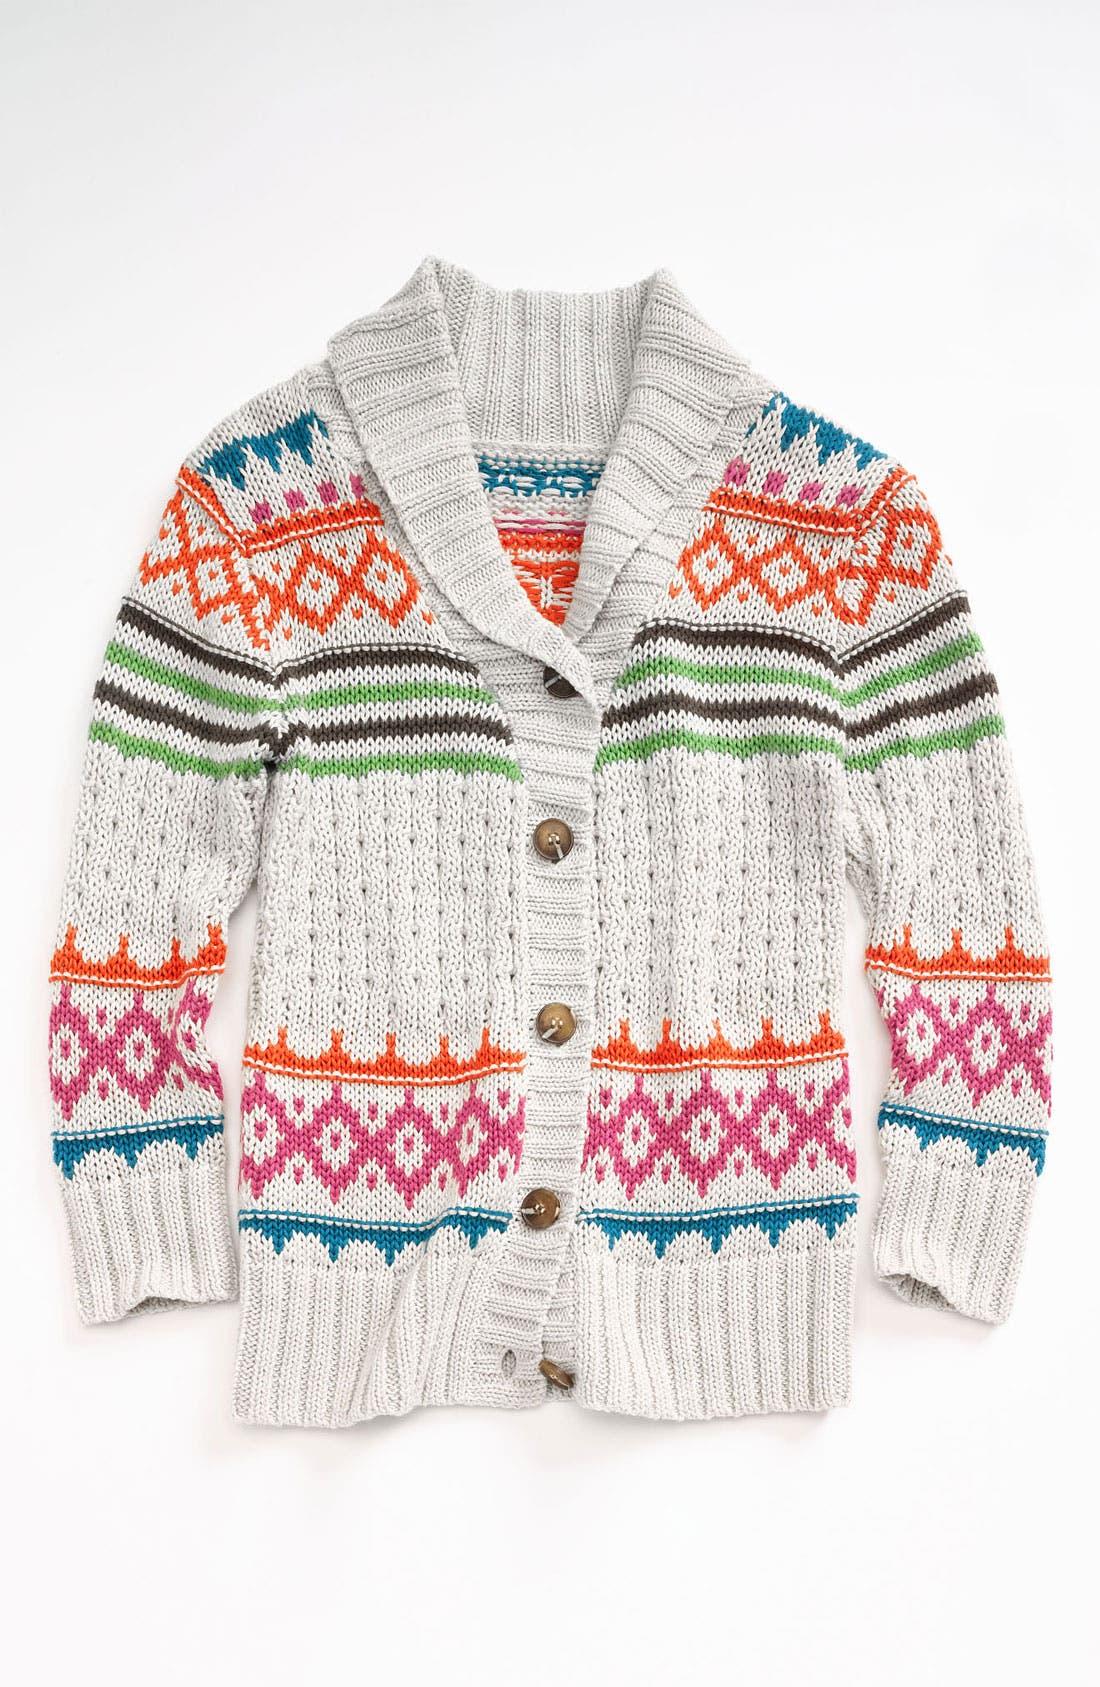 Alternate Image 1 Selected - Peek 'Aztec' Wrap Sweater (Toddler, Little Girls & Big Girls)